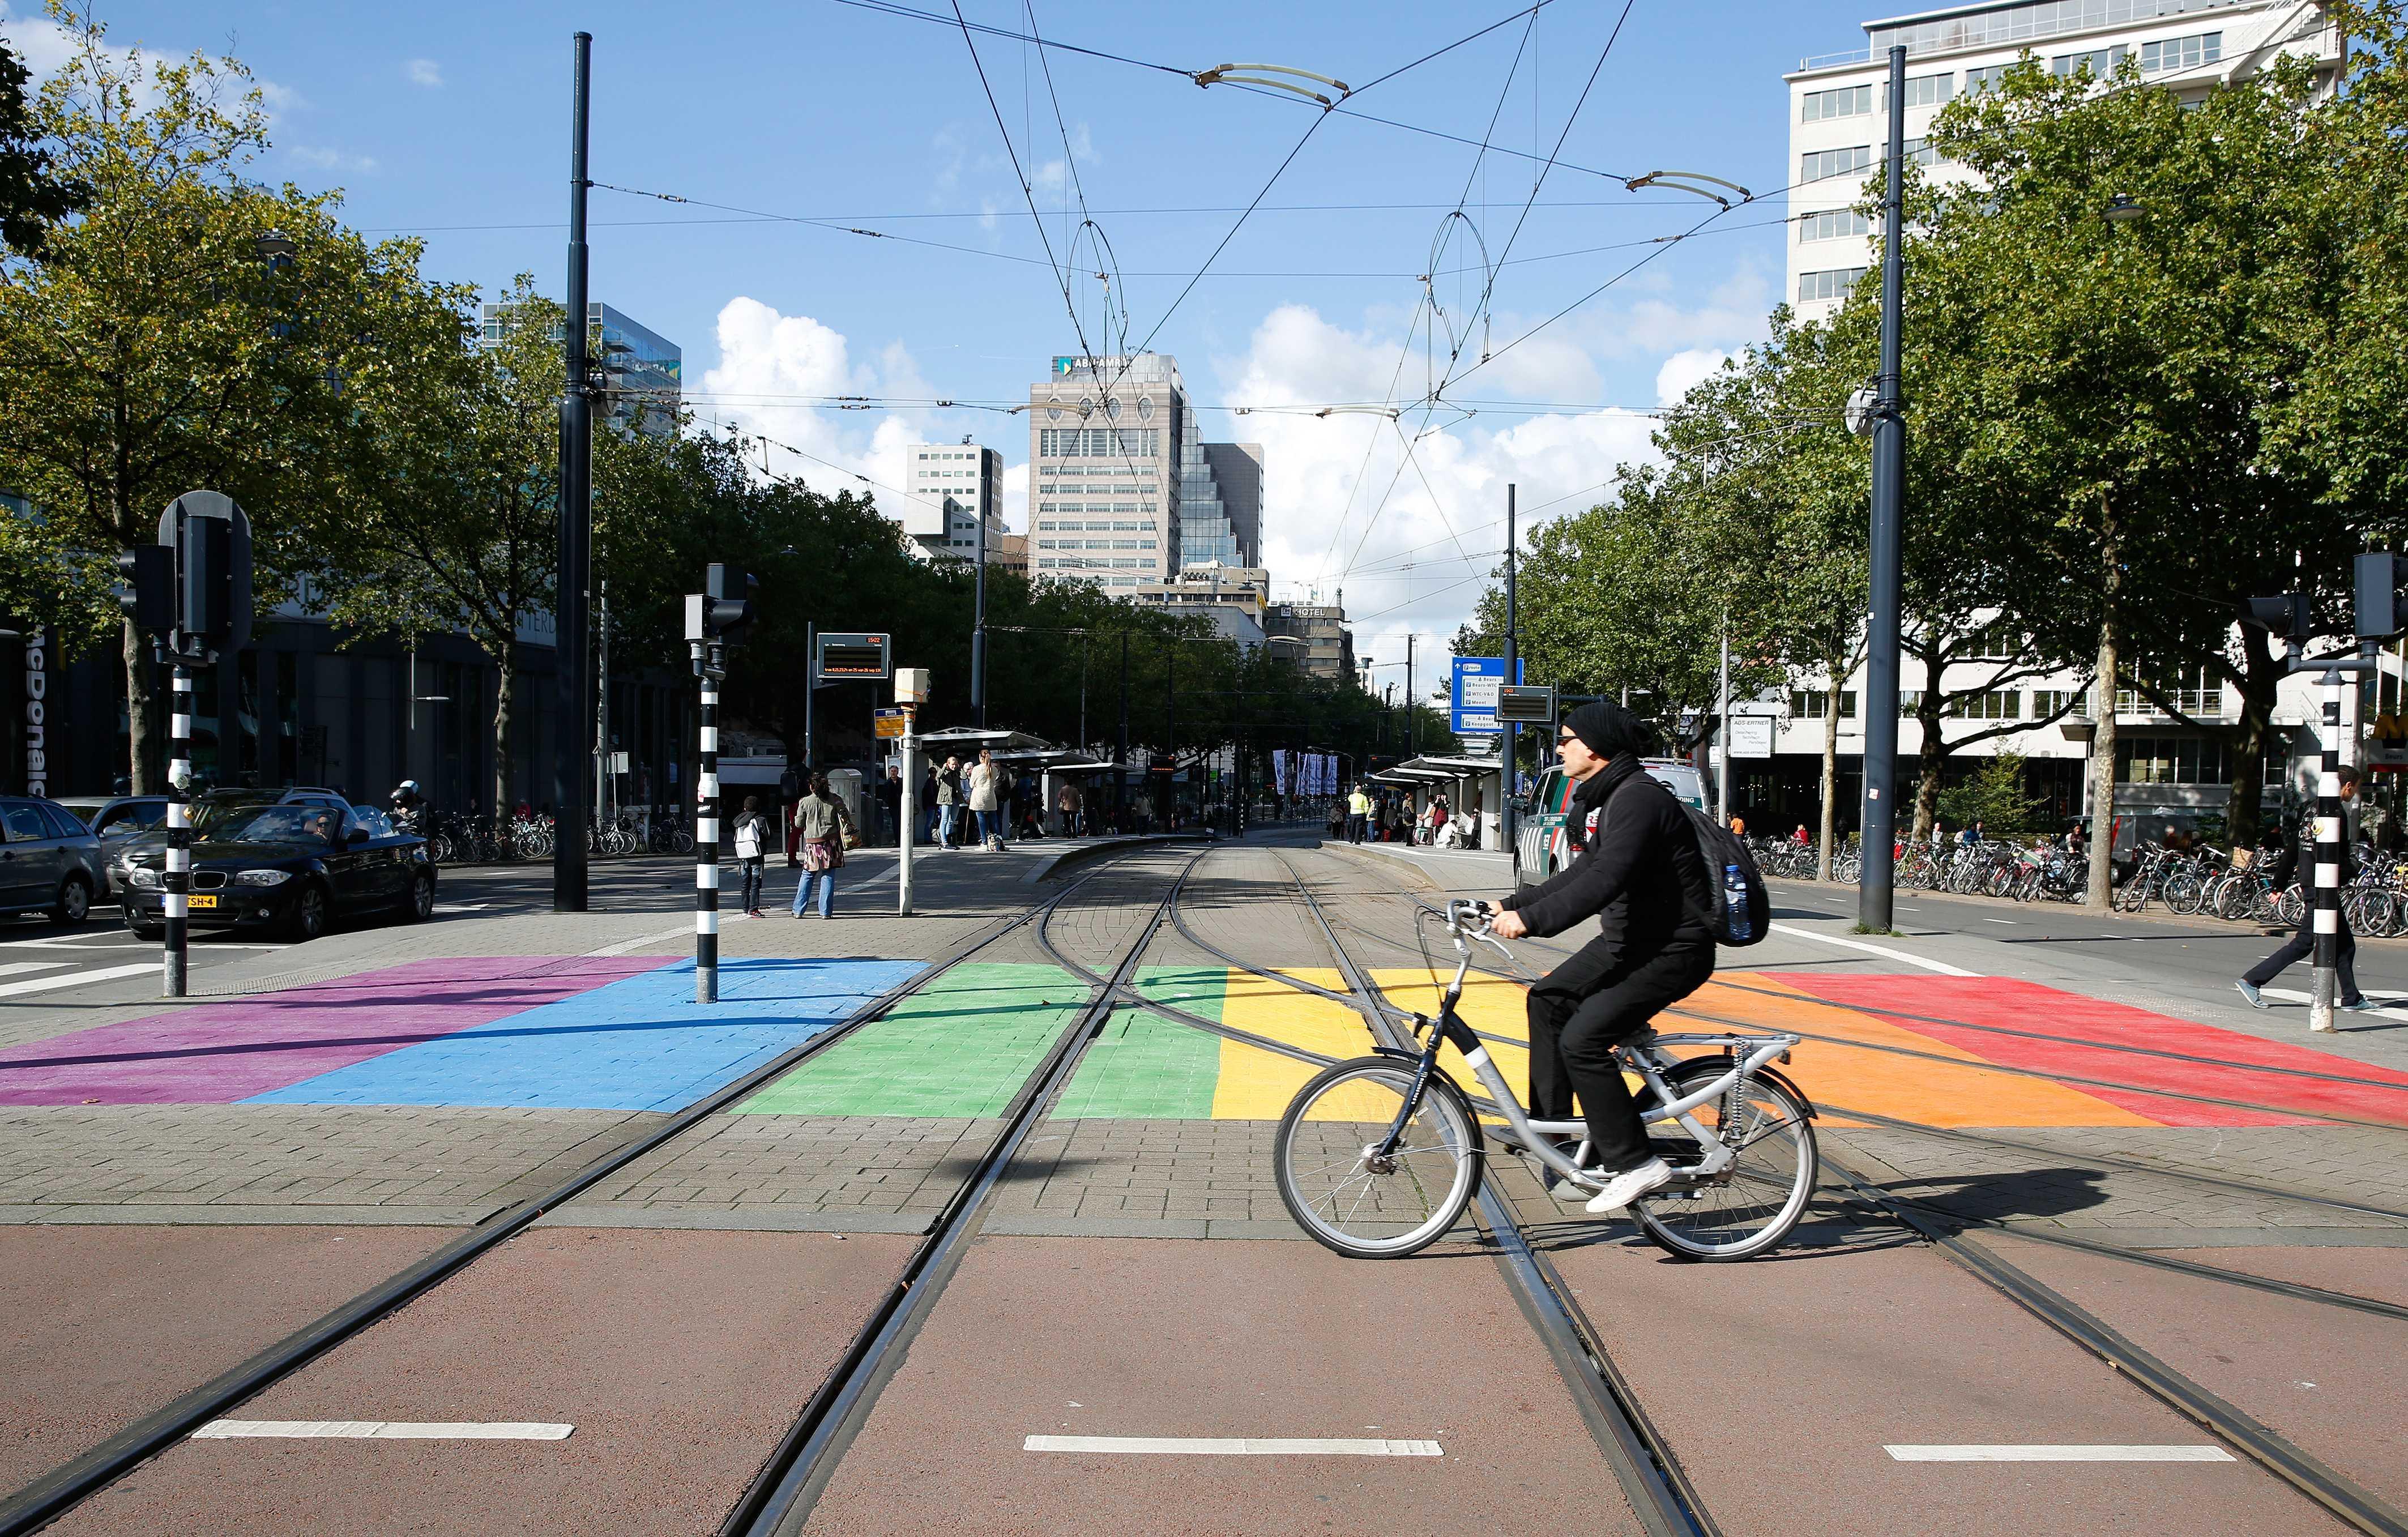 CDA wil zebrapad in regenboogkleuren aan Theodorus Rijkersstraat: 'Iedereen is welkom in Den Helder'